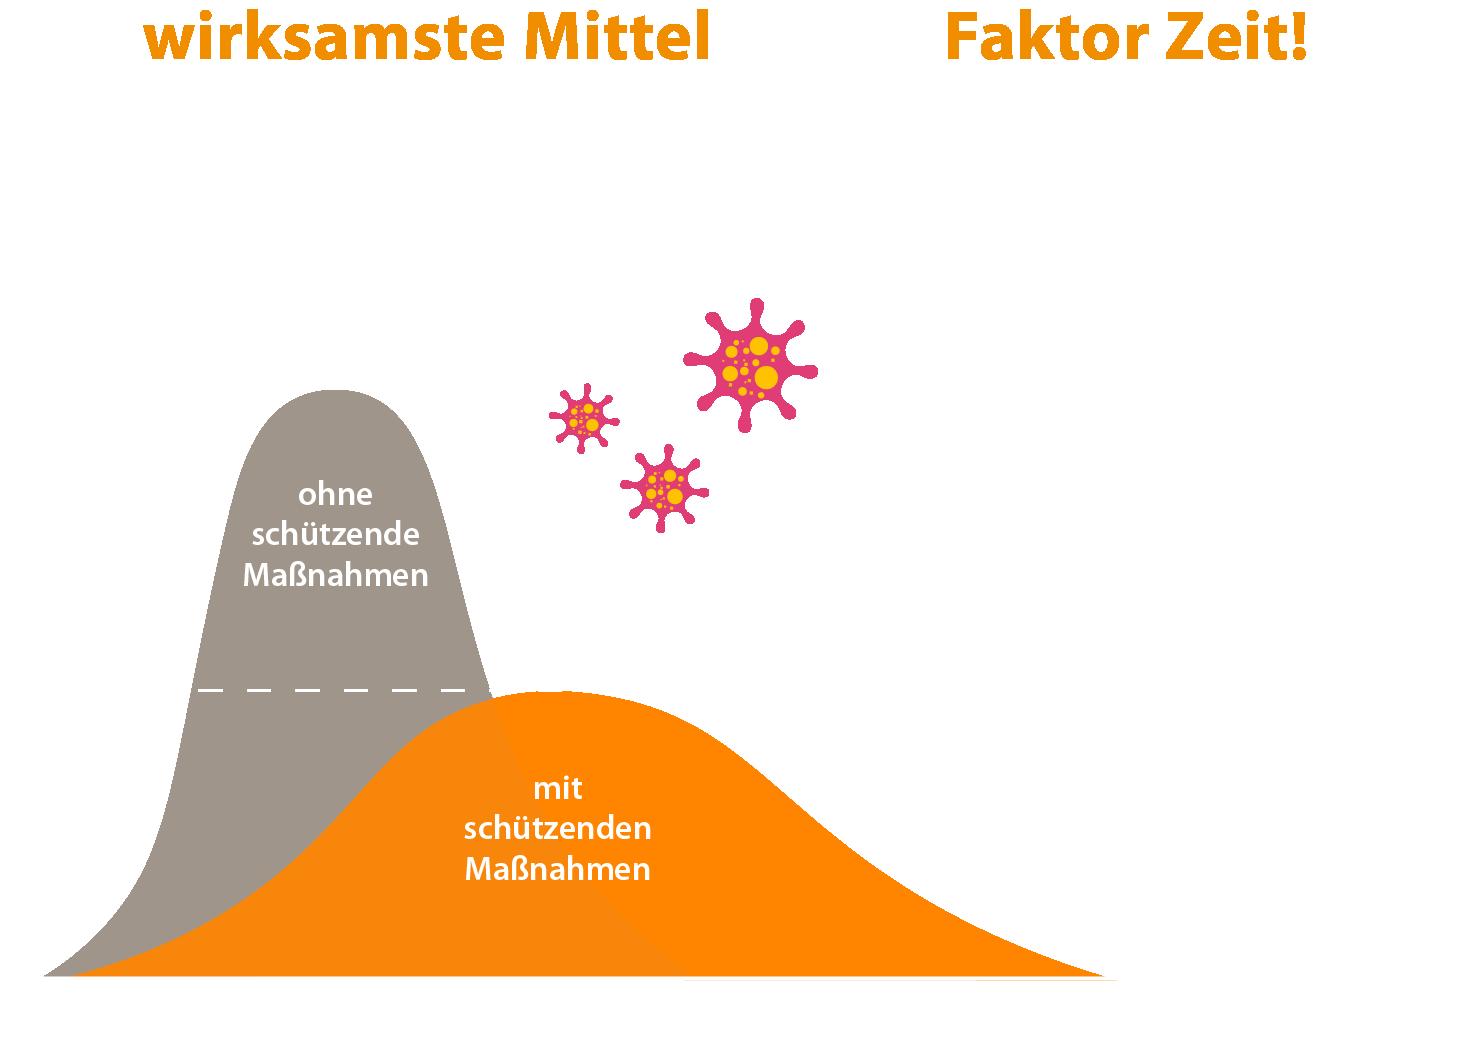 Faktor Zeit und Mitarbeiter Home-Office Fallzahlen Zeit Grafik